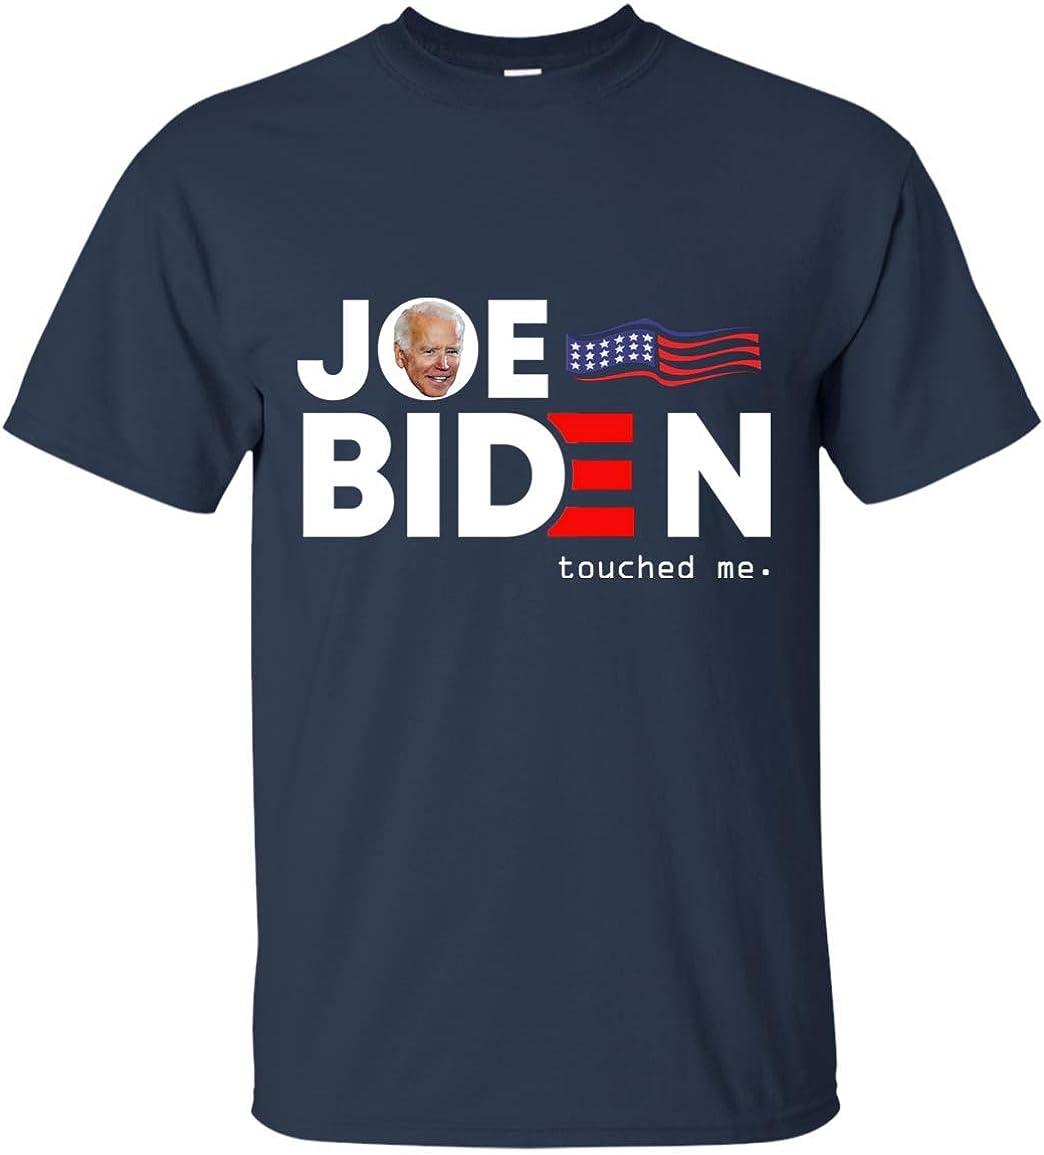 Here/'s The Deal Tee  High Quality Bella Tee  Biden Tee  Vote 2020 Tee  Biden for President  Presidential Debate Funny Tee